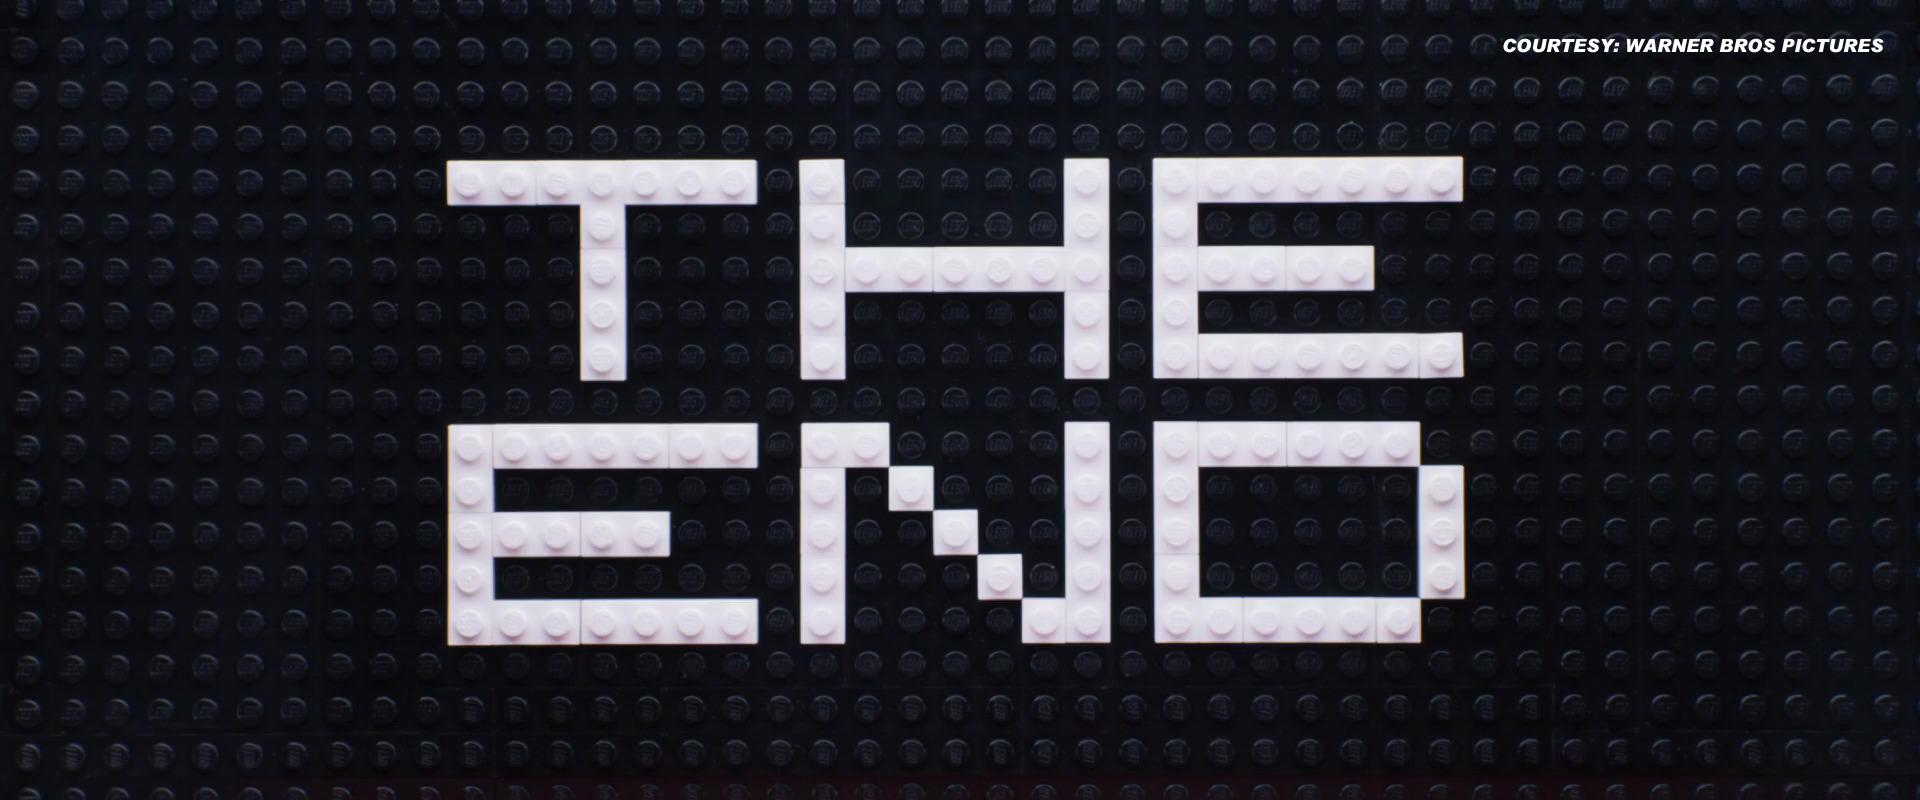 lego movie 2 ending scene